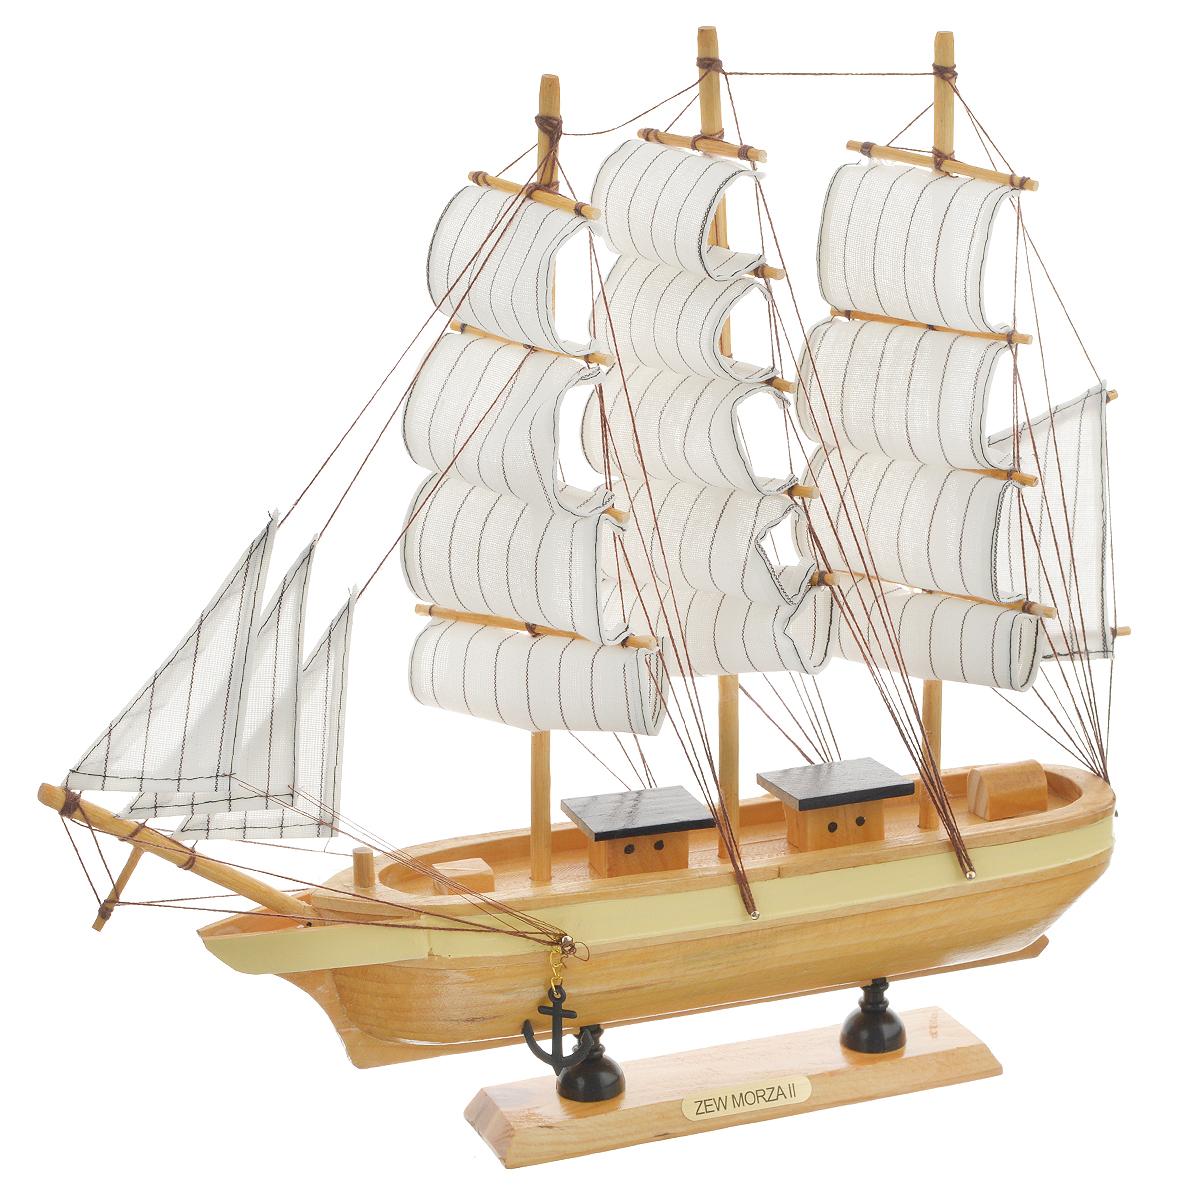 Корабль сувенирный Zew Morza, длина 32 см417211Сувенирный корабль Zew Morza, изготовленный из дерева и текстиля, это великолепный элемент декора рабочей зоны в офисе или кабинете. Корабль с парусами и якорями помещен на деревянную подставку. Время идет, и мы становимся свидетелями развития технического прогресса, новых учений и практик. Но одно не подвластно времени - это любовь человека к морю и кораблям. Сувенирный корабль наполнен историей и силой океанских вод. Данная модель кораблика станет отличным подарком для всех любителей морей, поклонников историй о покорении океанов и неизведанных земель. Модель корабля - подарок со смыслом. Издавна на Руси считалось, что корабли приносят удачу и везение. Поэтому их изображения, фигурки и точные копии всегда присутствовали в помещениях. Удивите себя и своих близких необычным презентом.